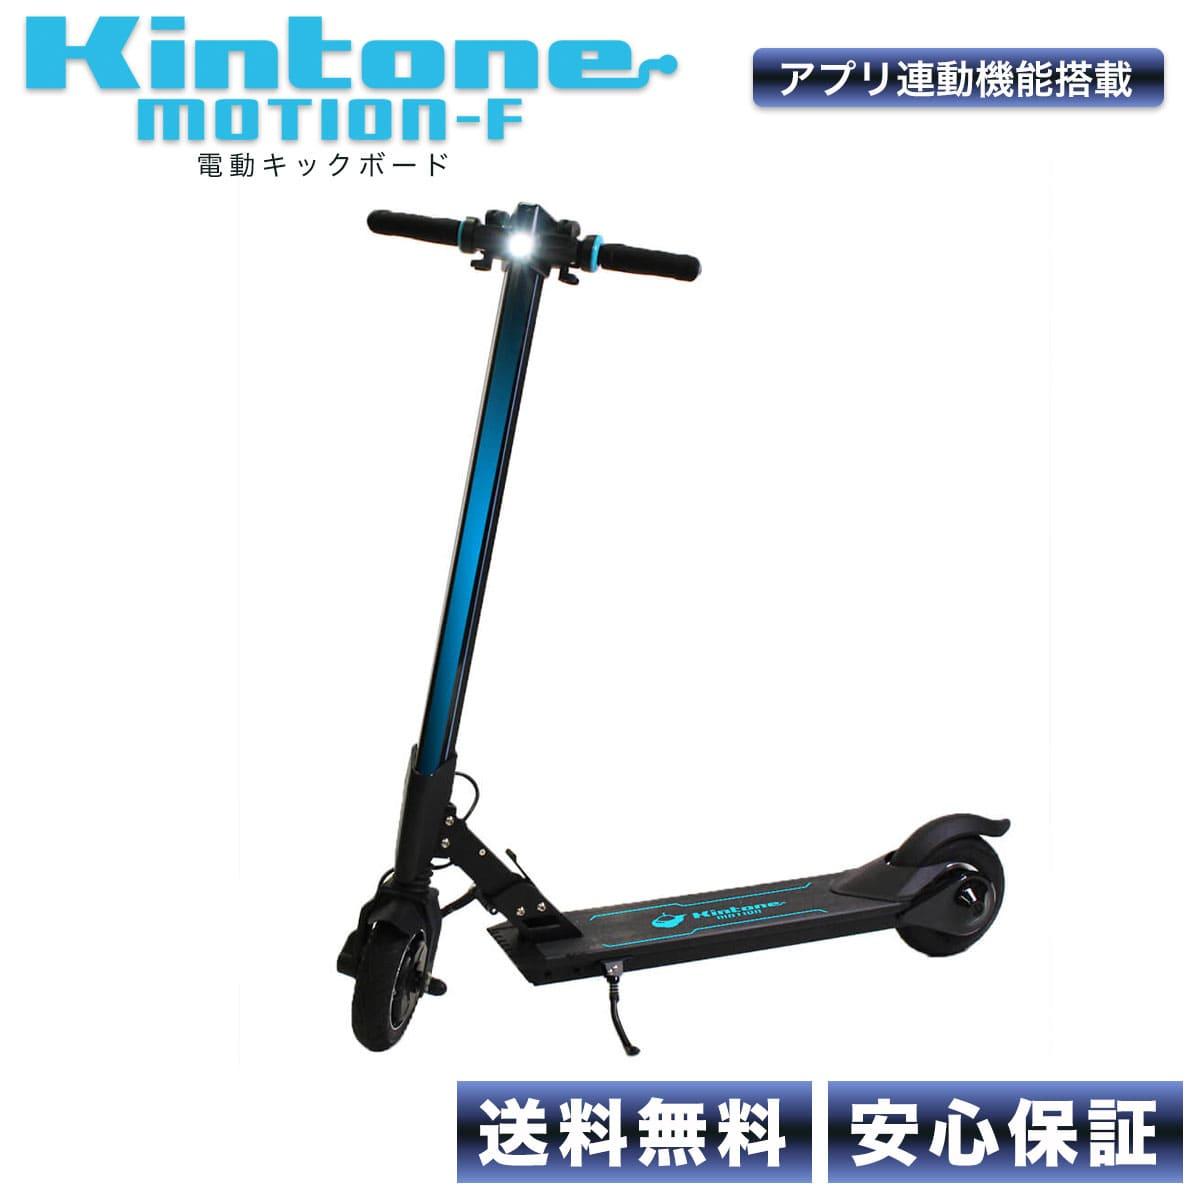 電動キックボード 電動 キックボード キックスクーター 電動二輪車 KINTONE motion F キントーン モーション フォース